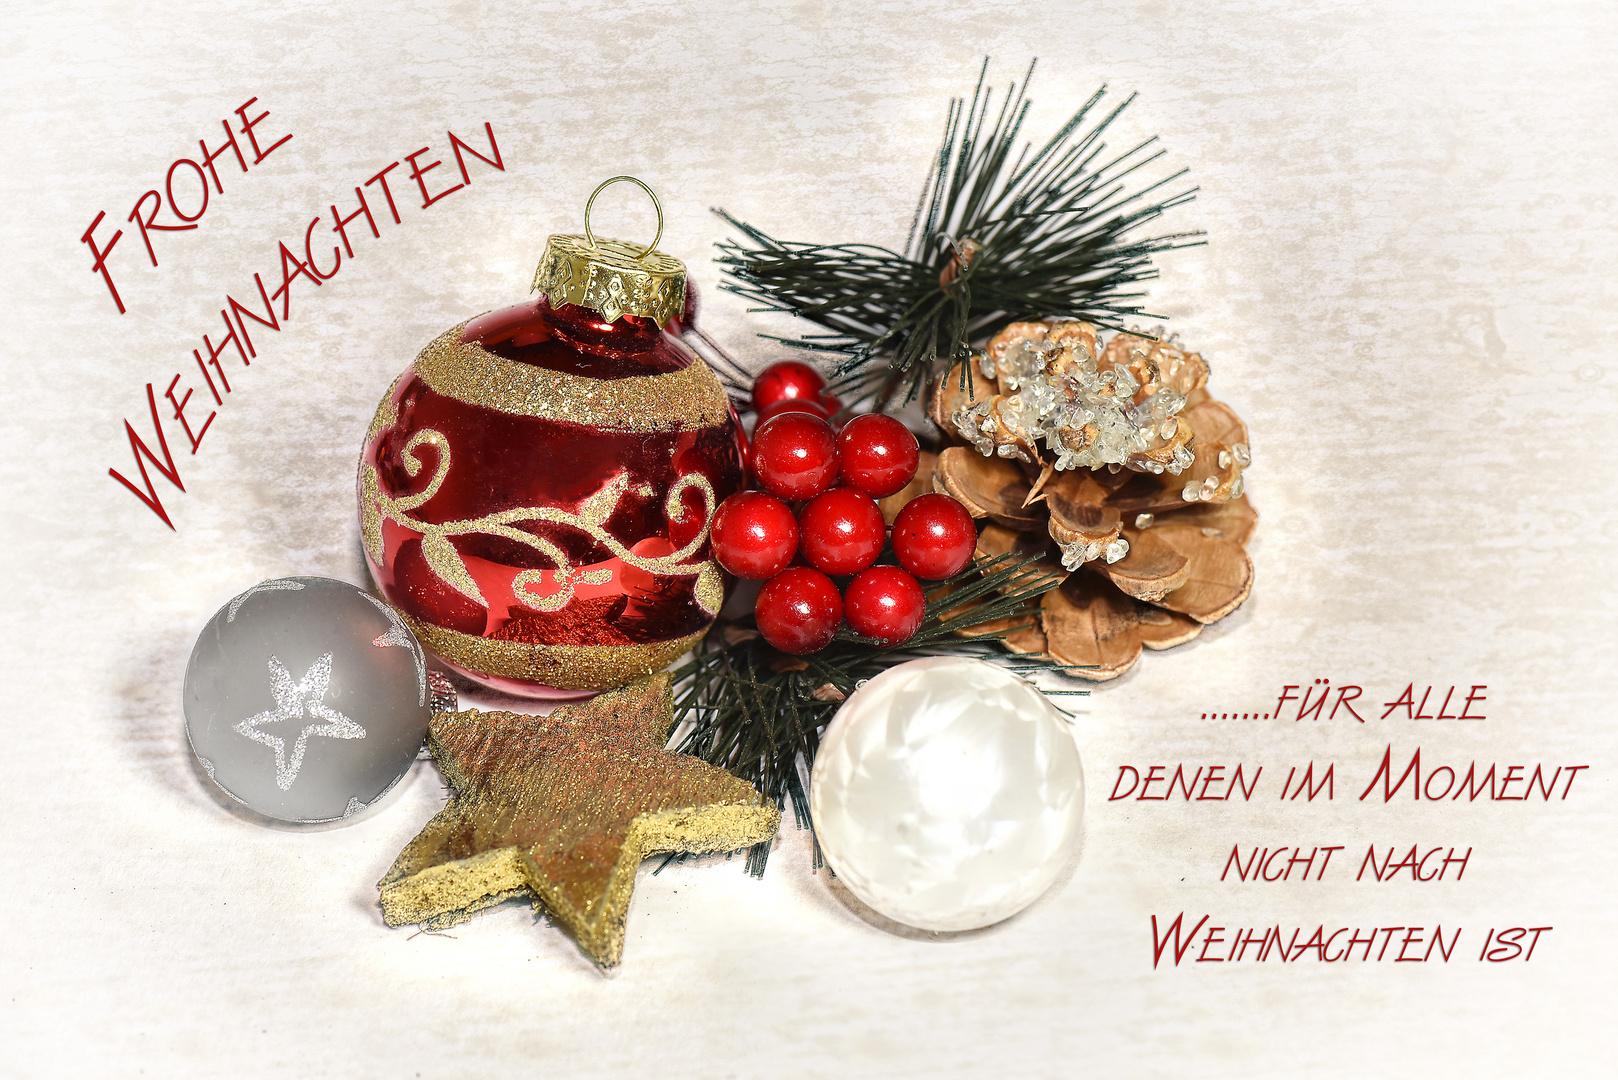 Bilder Nach Weihnachten.Für Alle Denen Im Moment Nicht Nach Weihnachten Ist Foto Bild